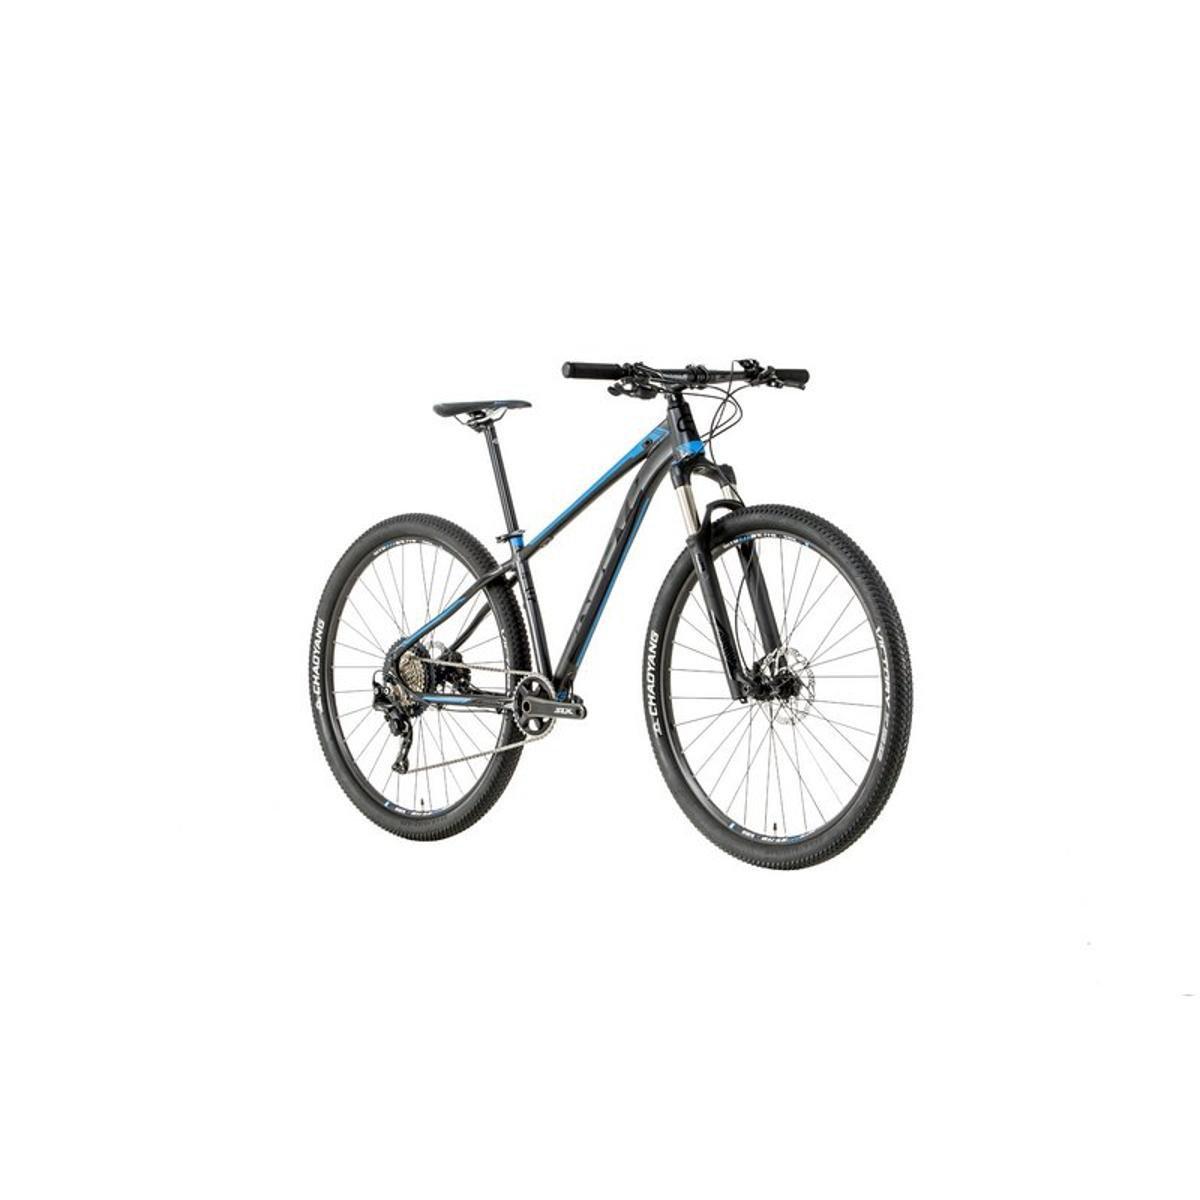 e7d71327b Bicicleta Groove Riff 90 2018 Shimano Rock Shox - Compre Agora ...